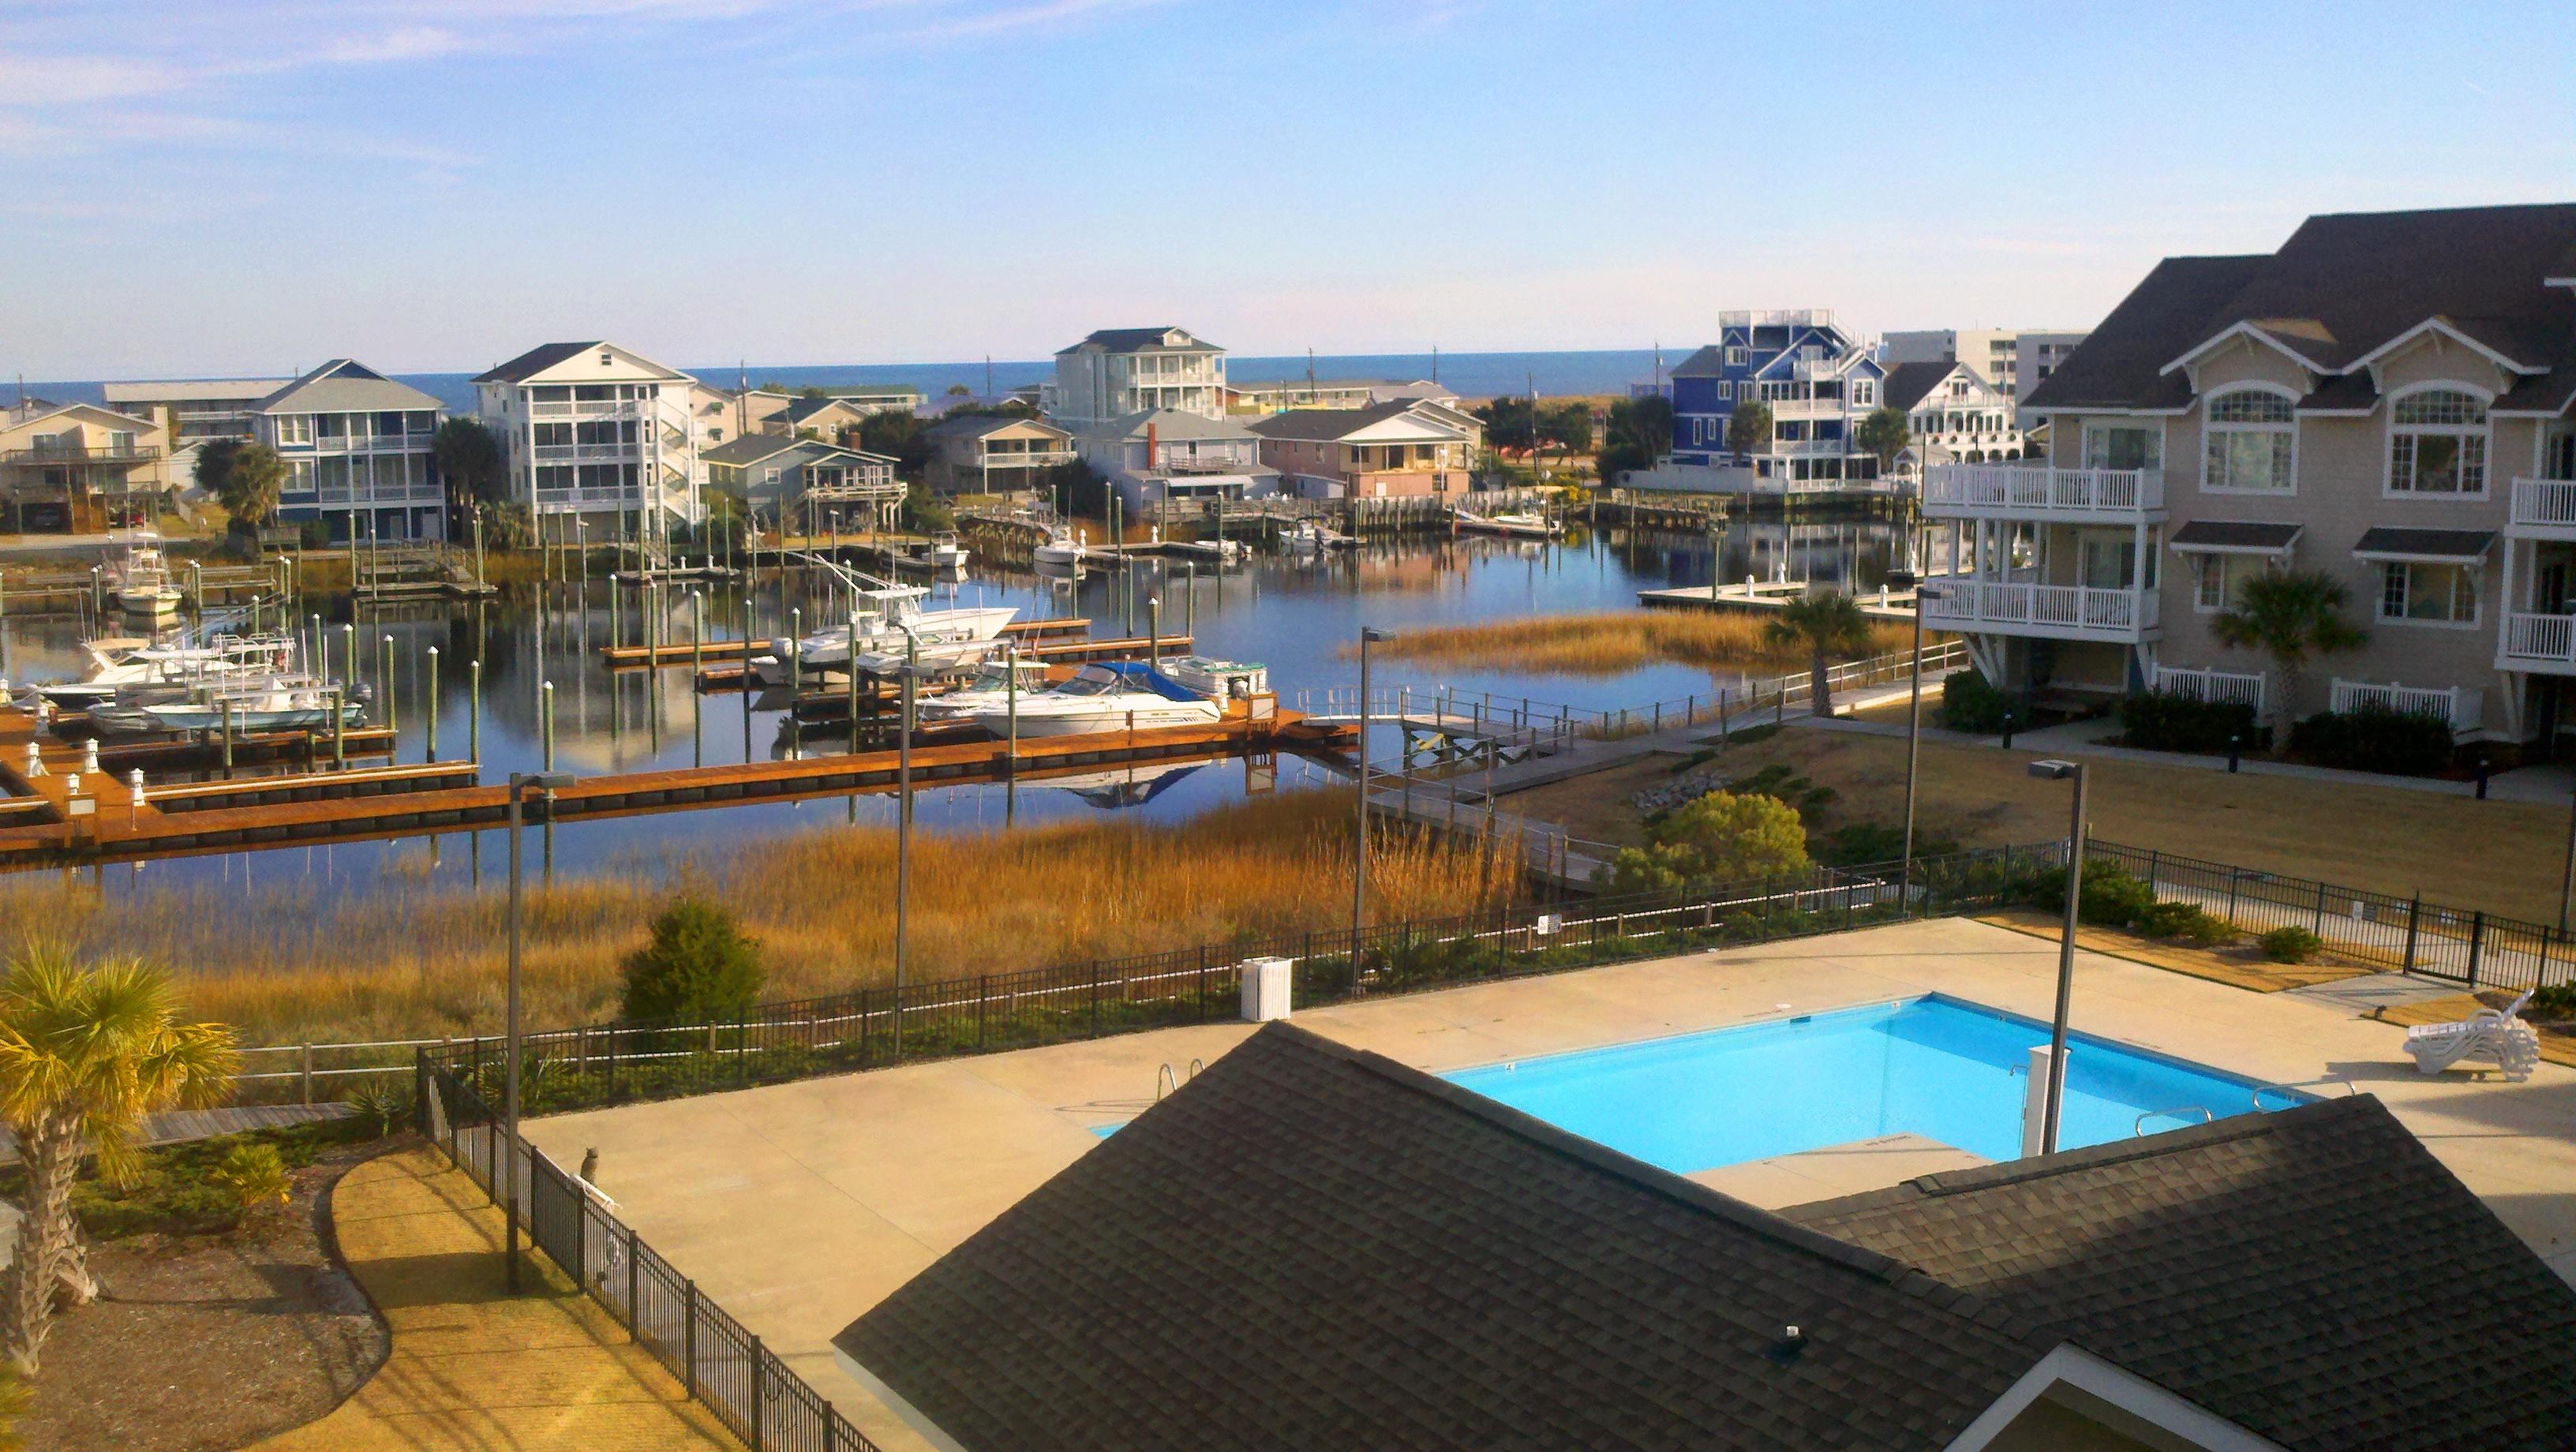 Carolina Bay in Carolina Beach NC